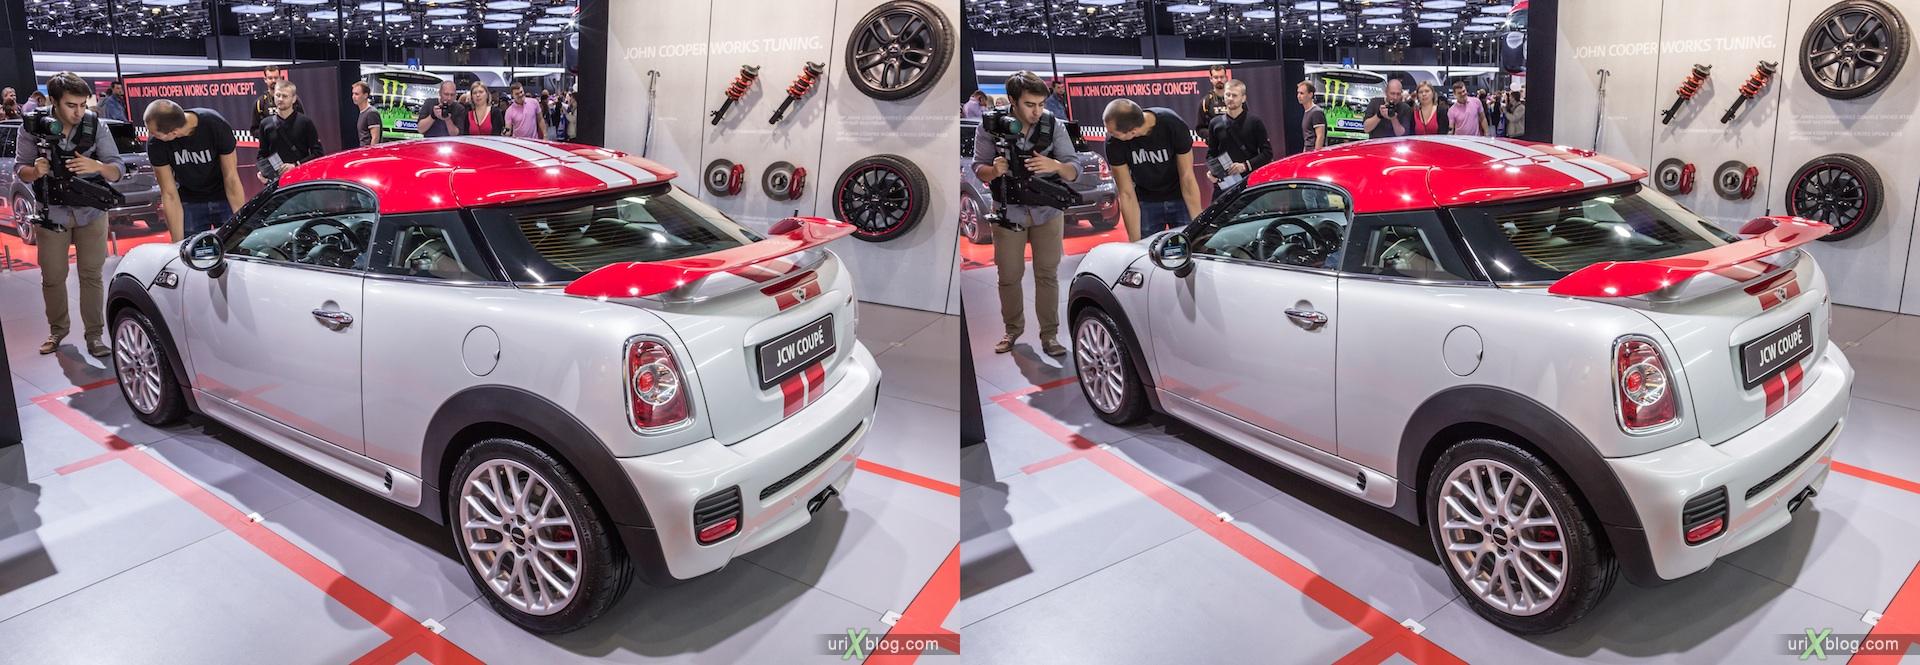 2012, JCW Coupe, Московский международный автомобильный салон, ММАС, Крокус Экспо, 3D, стереопара